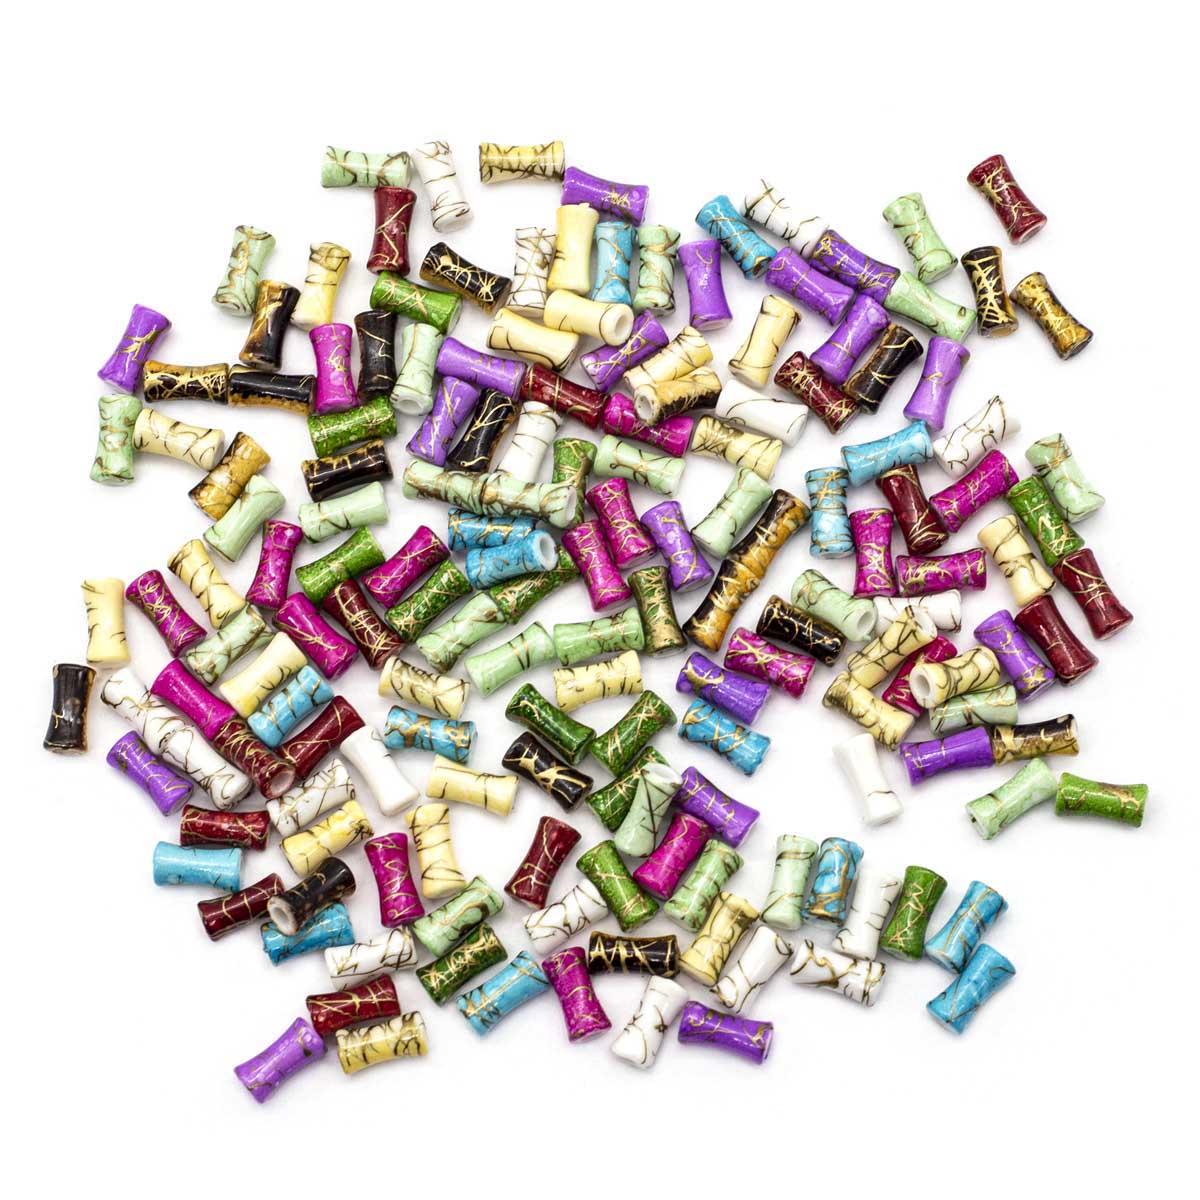 2493 Бусины пластиковые, разноцветные, 12*4 мм, упак./165 шт., 'Астра'